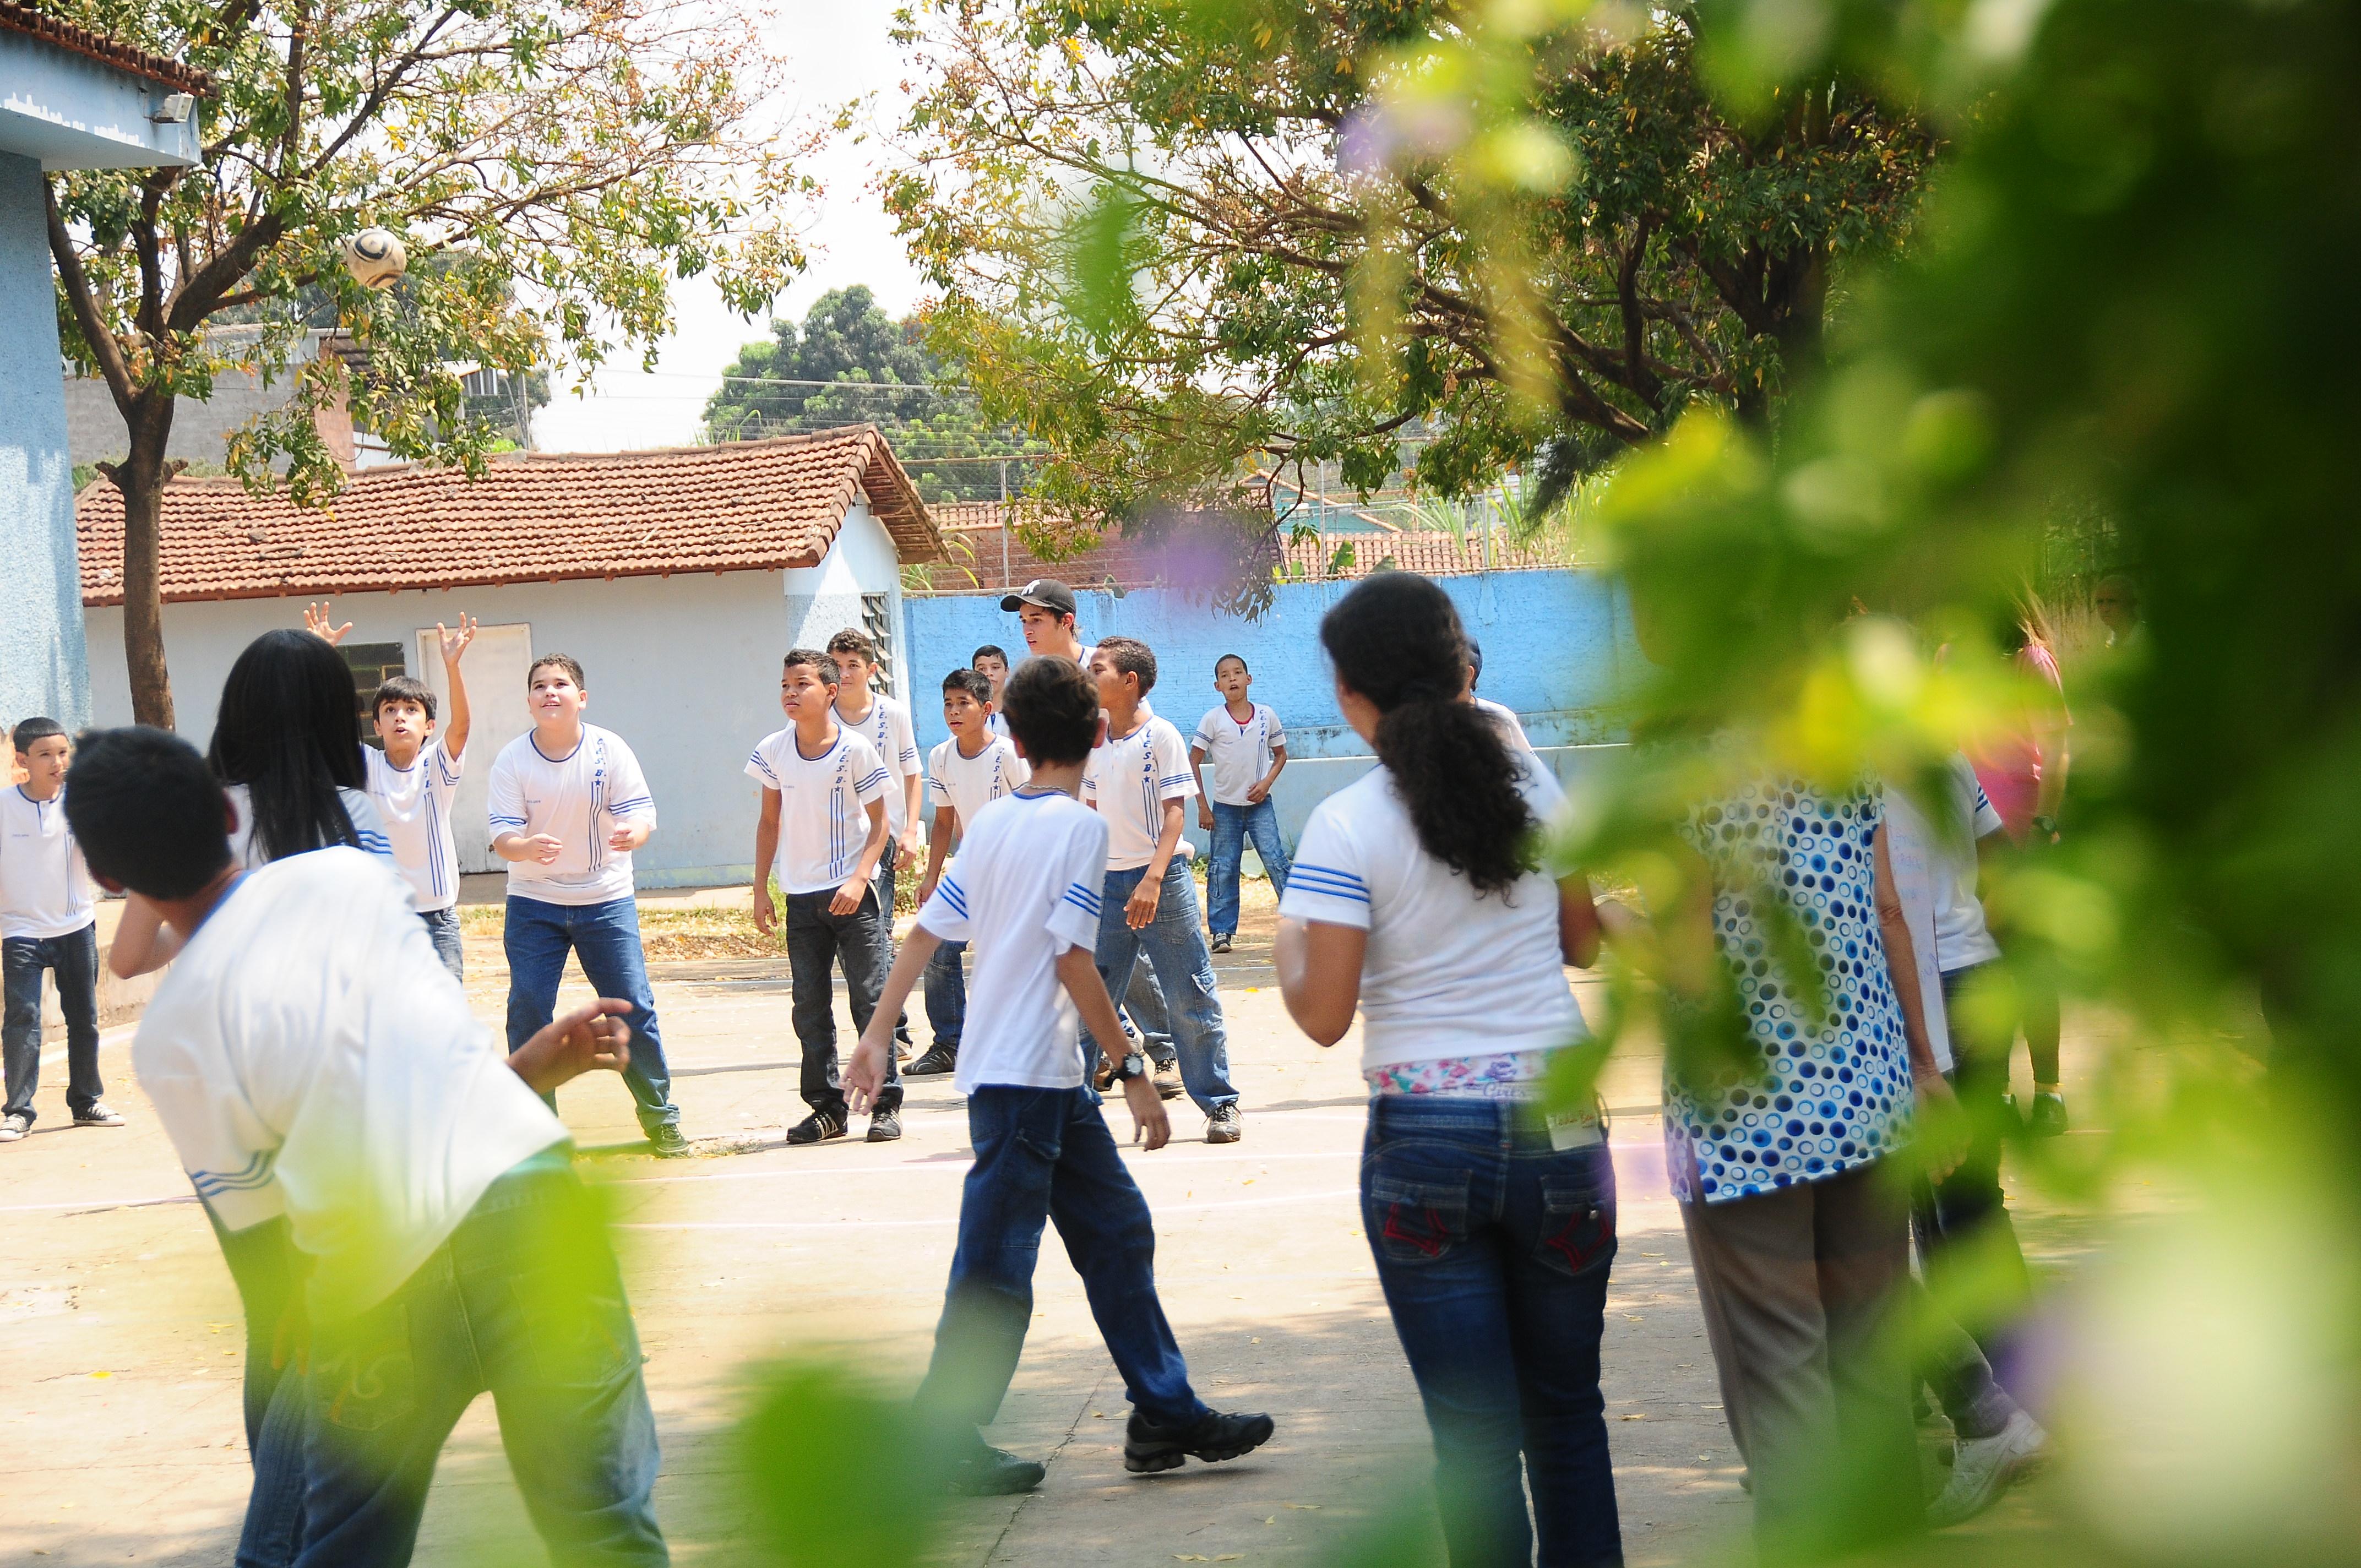 Garotos e garotas uniformizados brincam com bola em pátio do colégio em dia ensolarado.